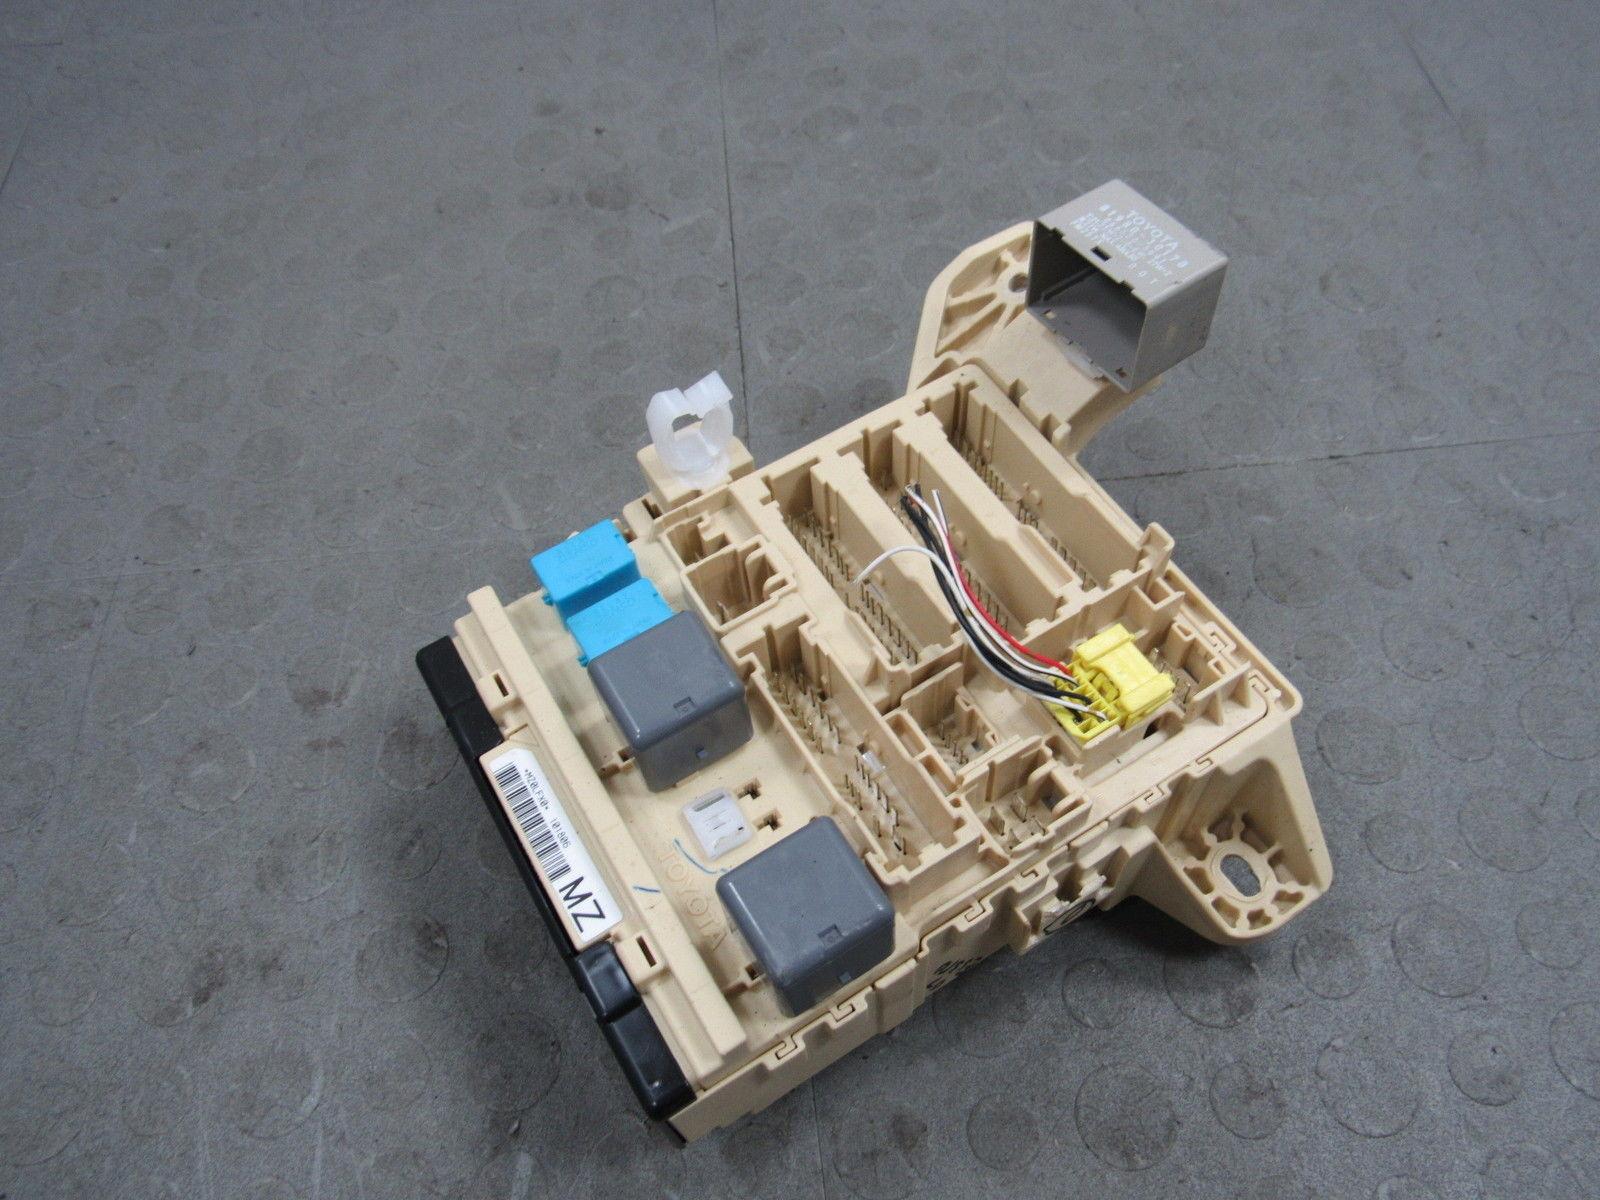 [CSDW_4250]   B8A0C Lexus Es 350 Fuse Box | Wiring Library | Lexus Is 350 Fuse Box |  | Wiring Library